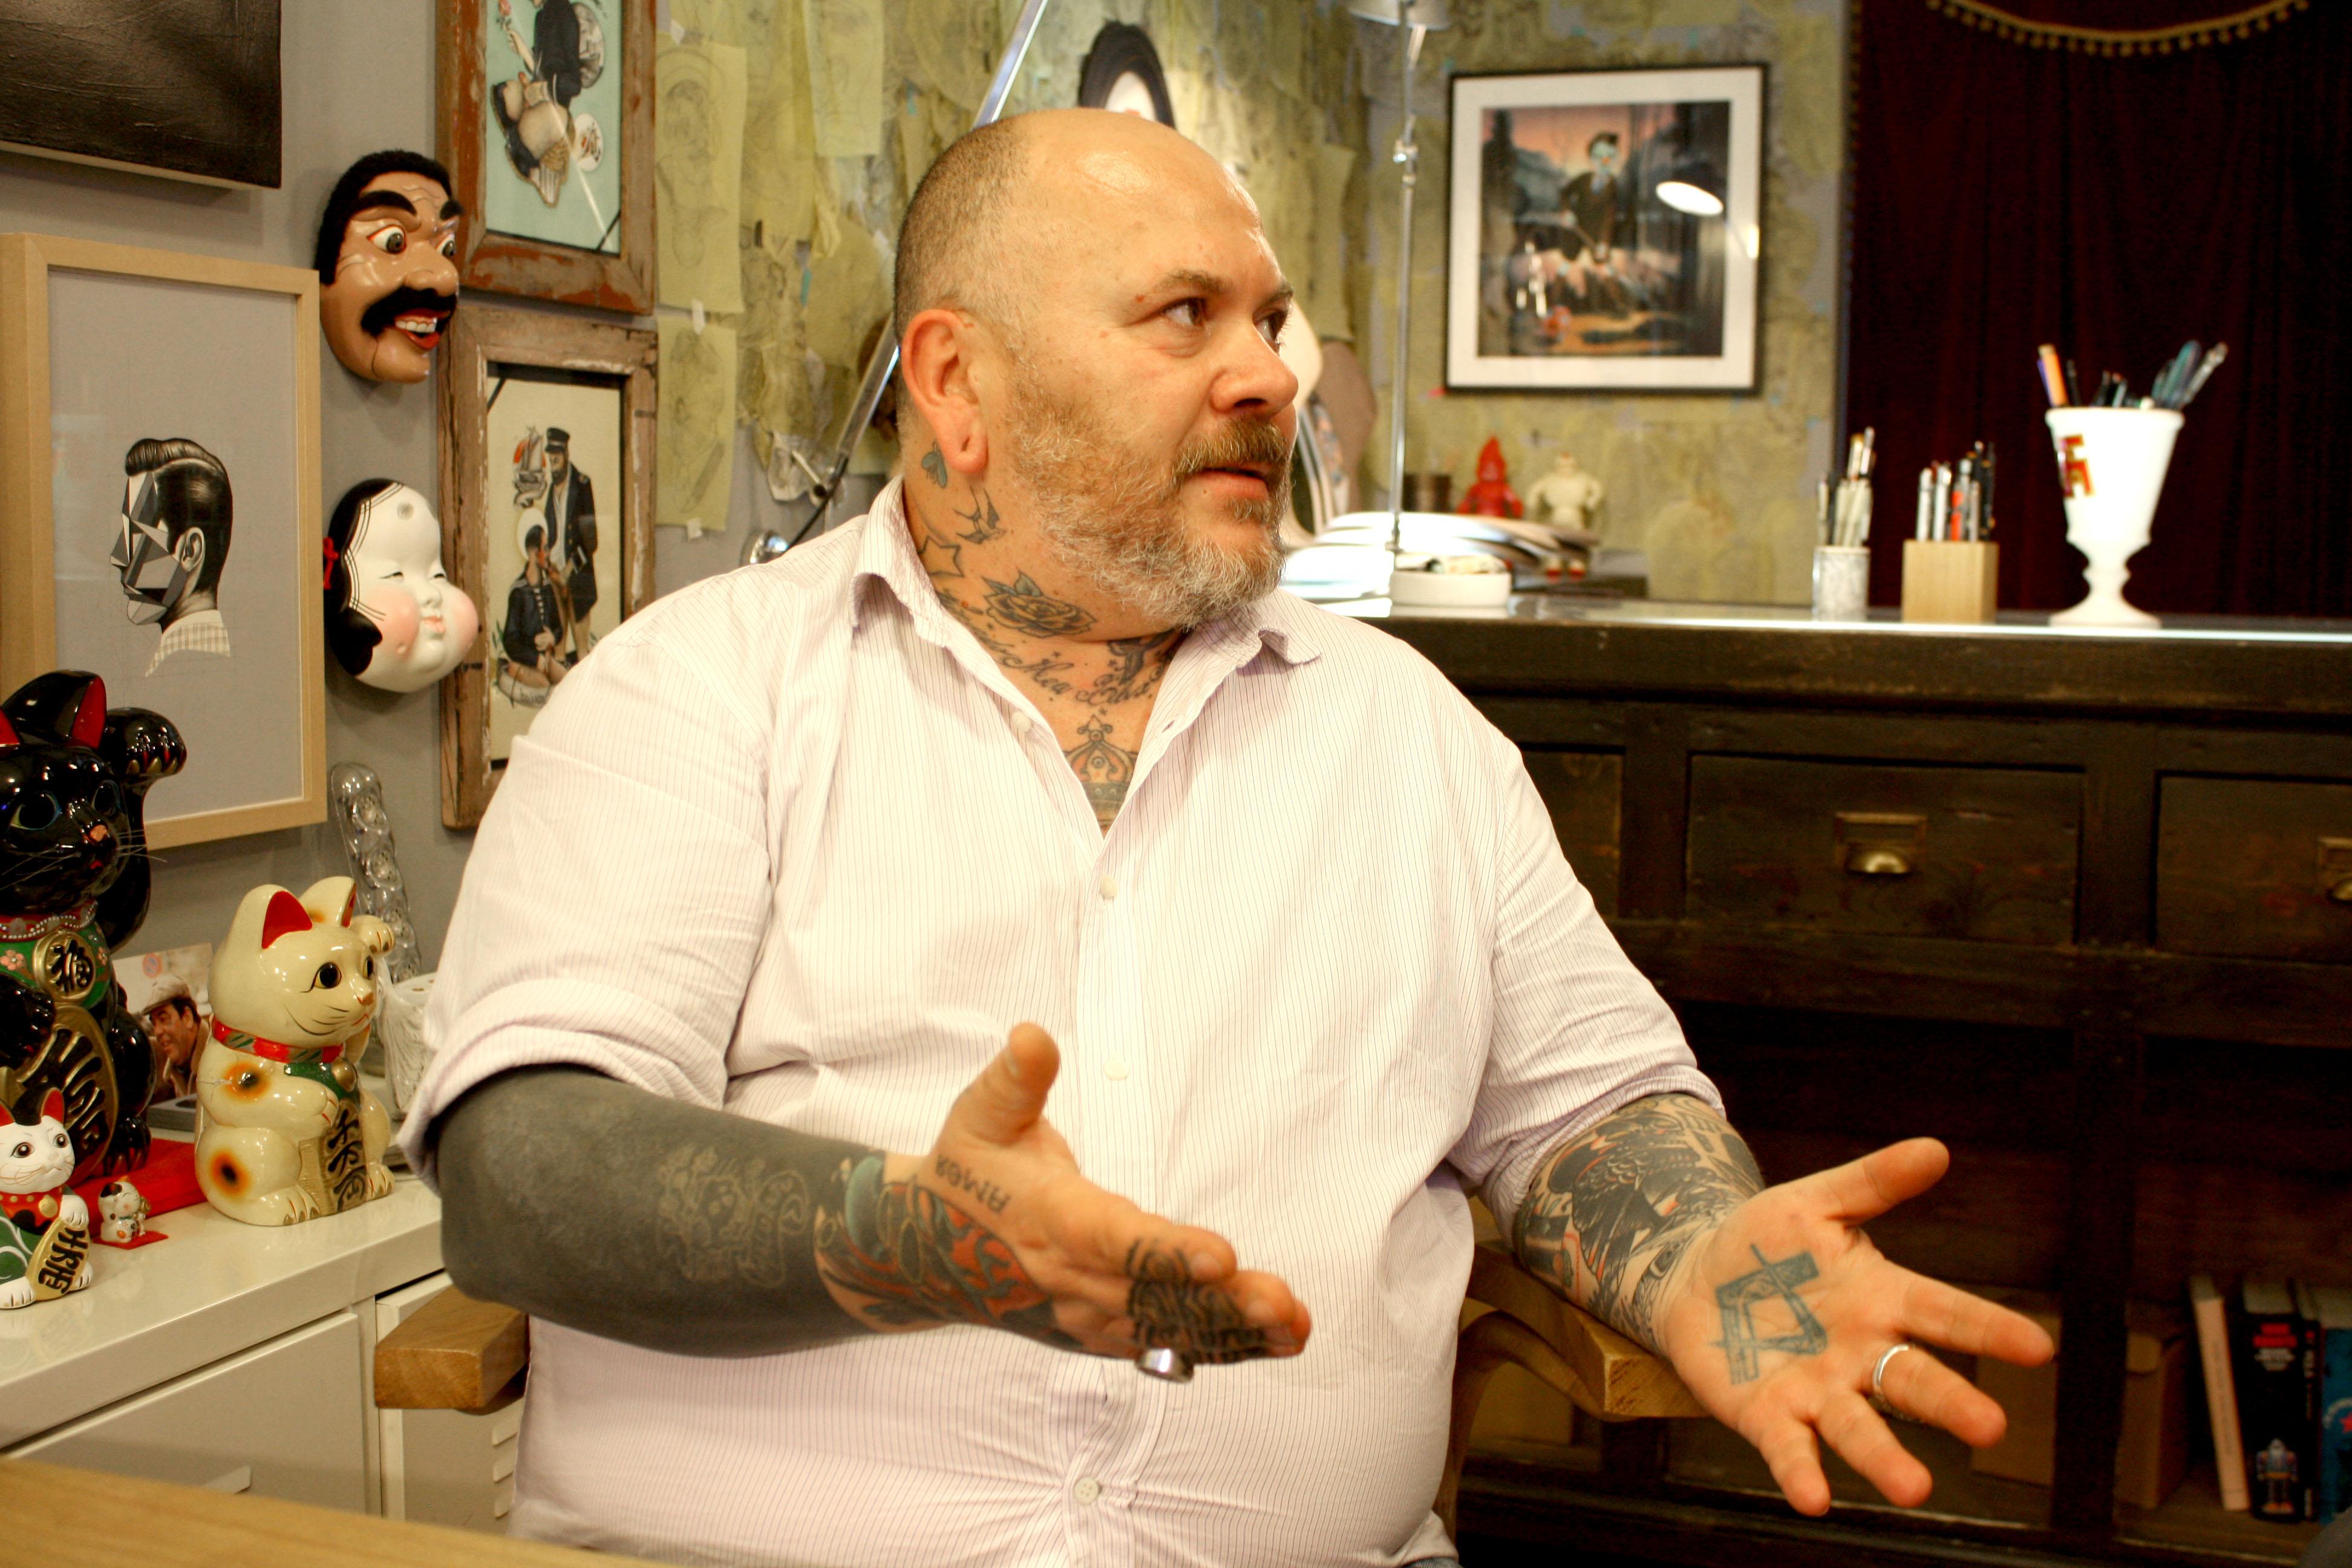 Sedie Fritz Hansen tatuate da Pietro Sedda tatuatore, Diego Grandi designer